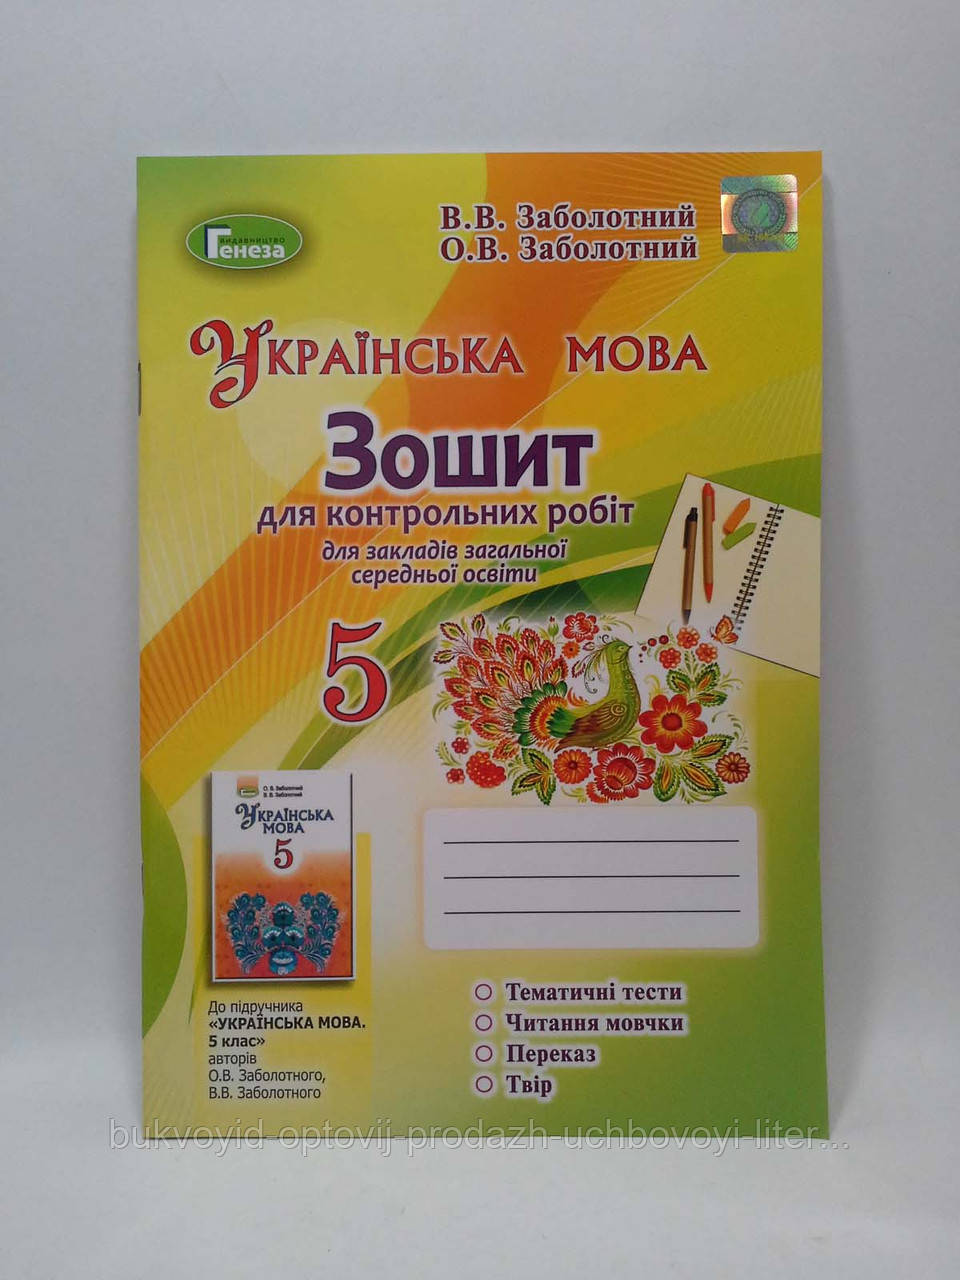 Українська мова 5 клас Зошит для контрольних робіт Заболотний Генеза ISBN 978-966-11-0921-5